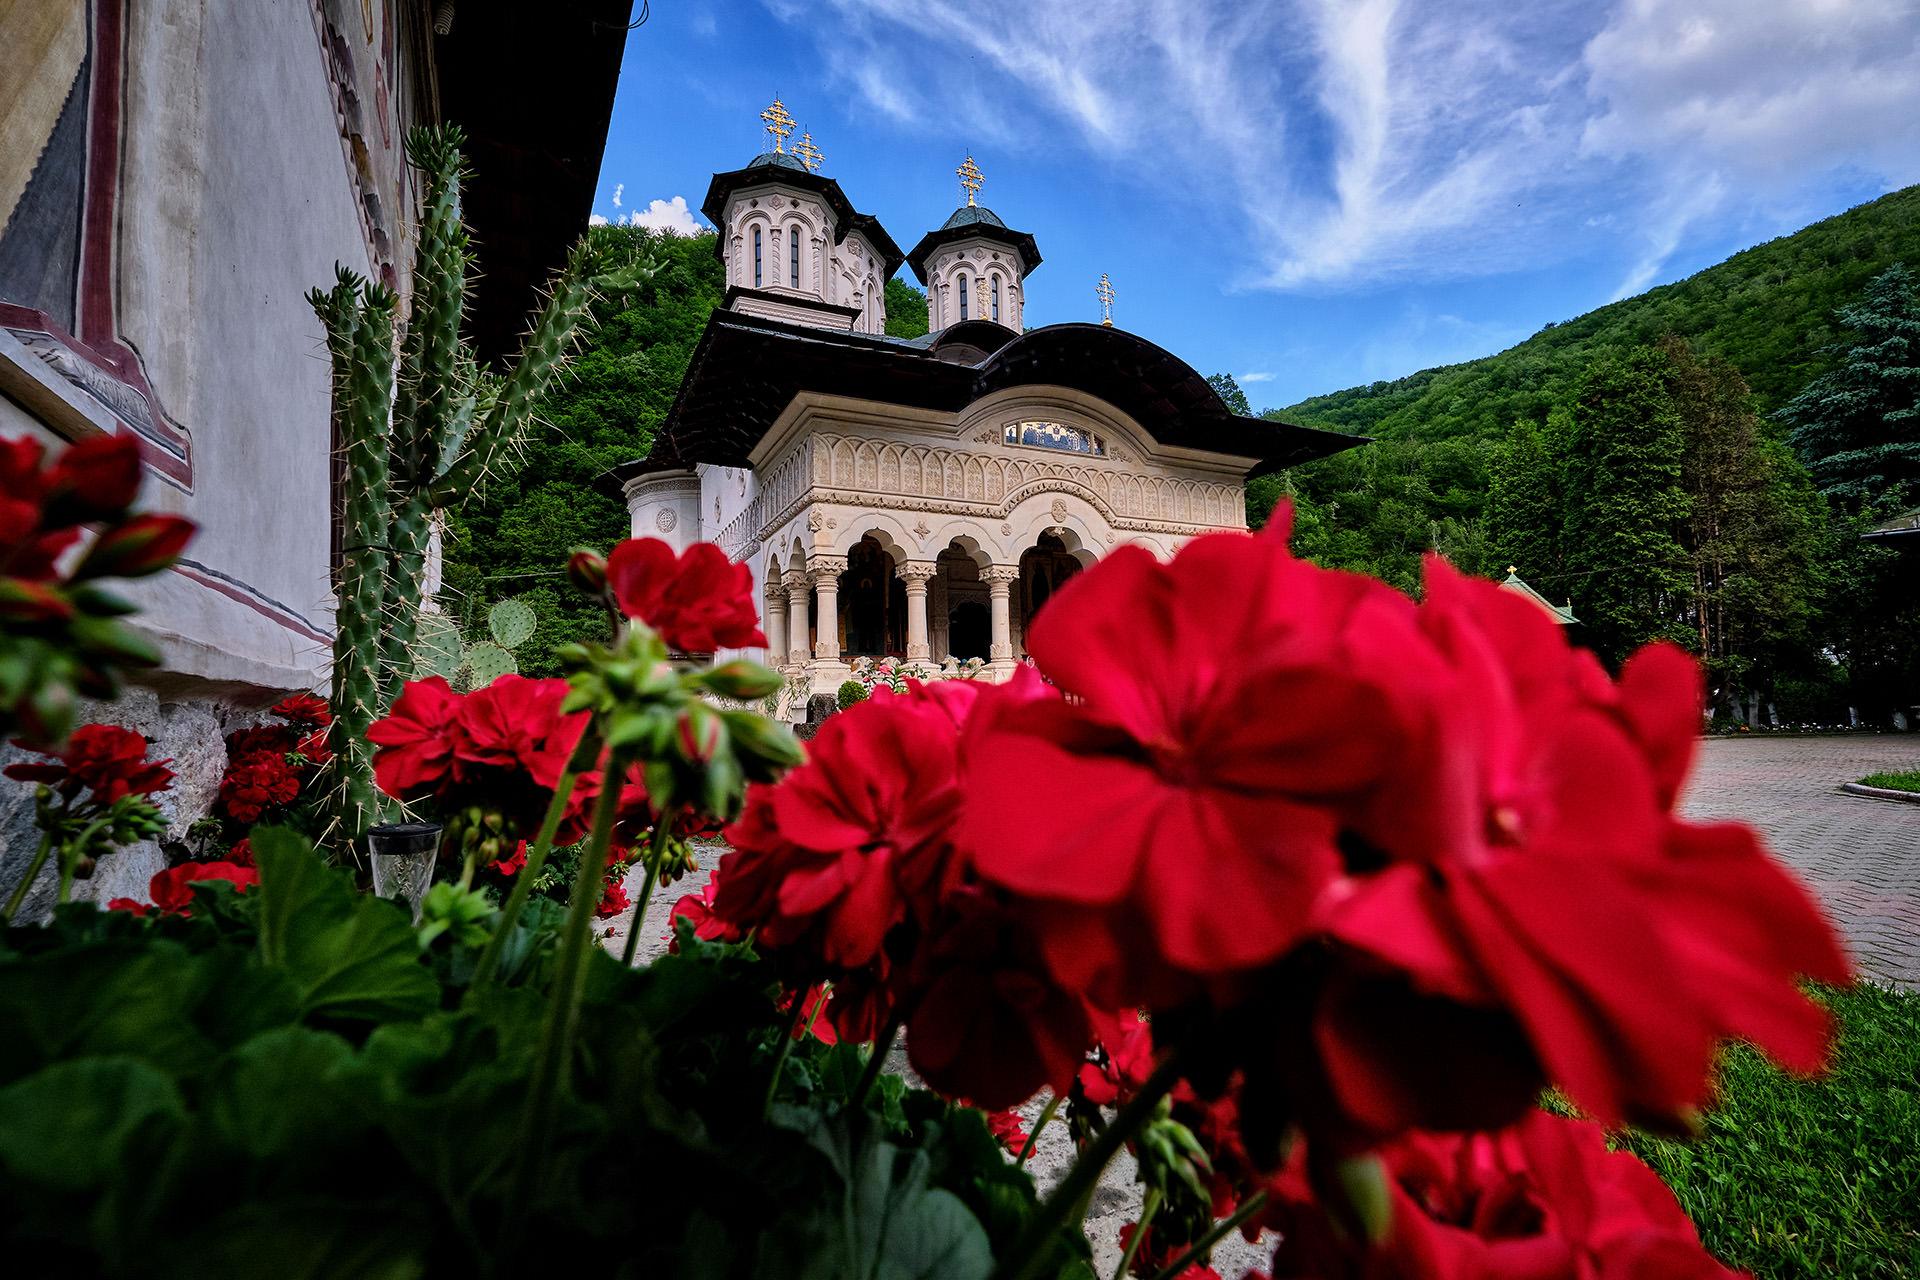 Manastirea Lainici Biserica Noua